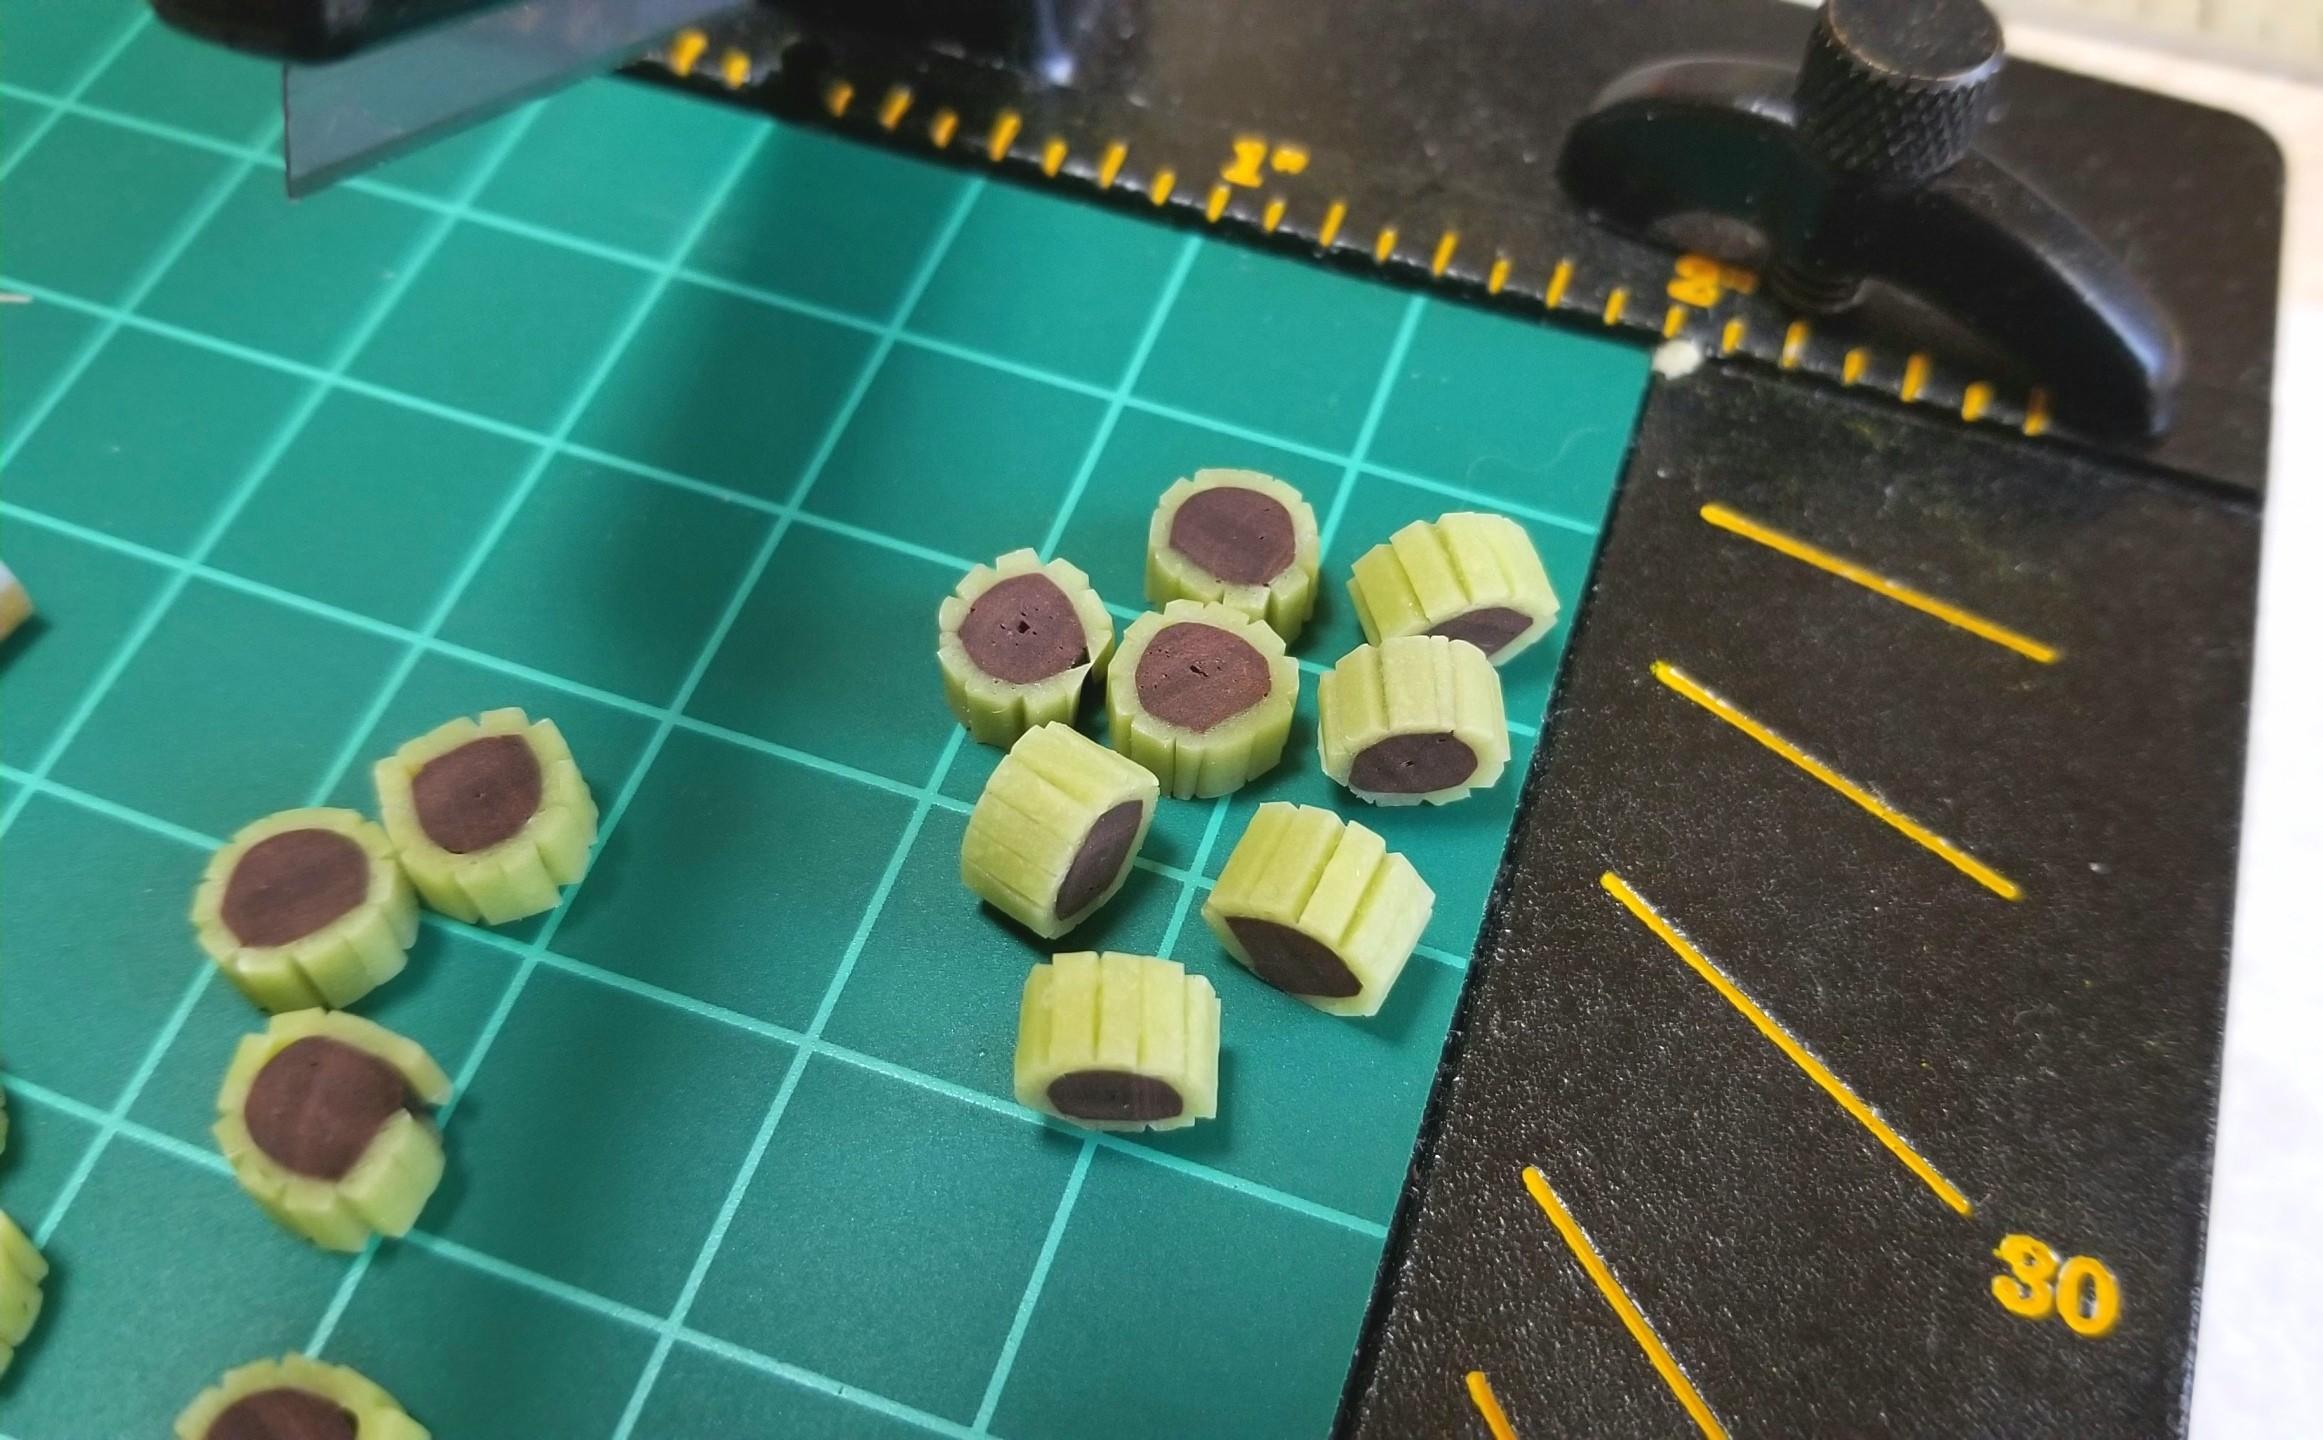 ミニチュア,和菓子,あんこ,チョッパー,樹脂粘土,ドールハウス